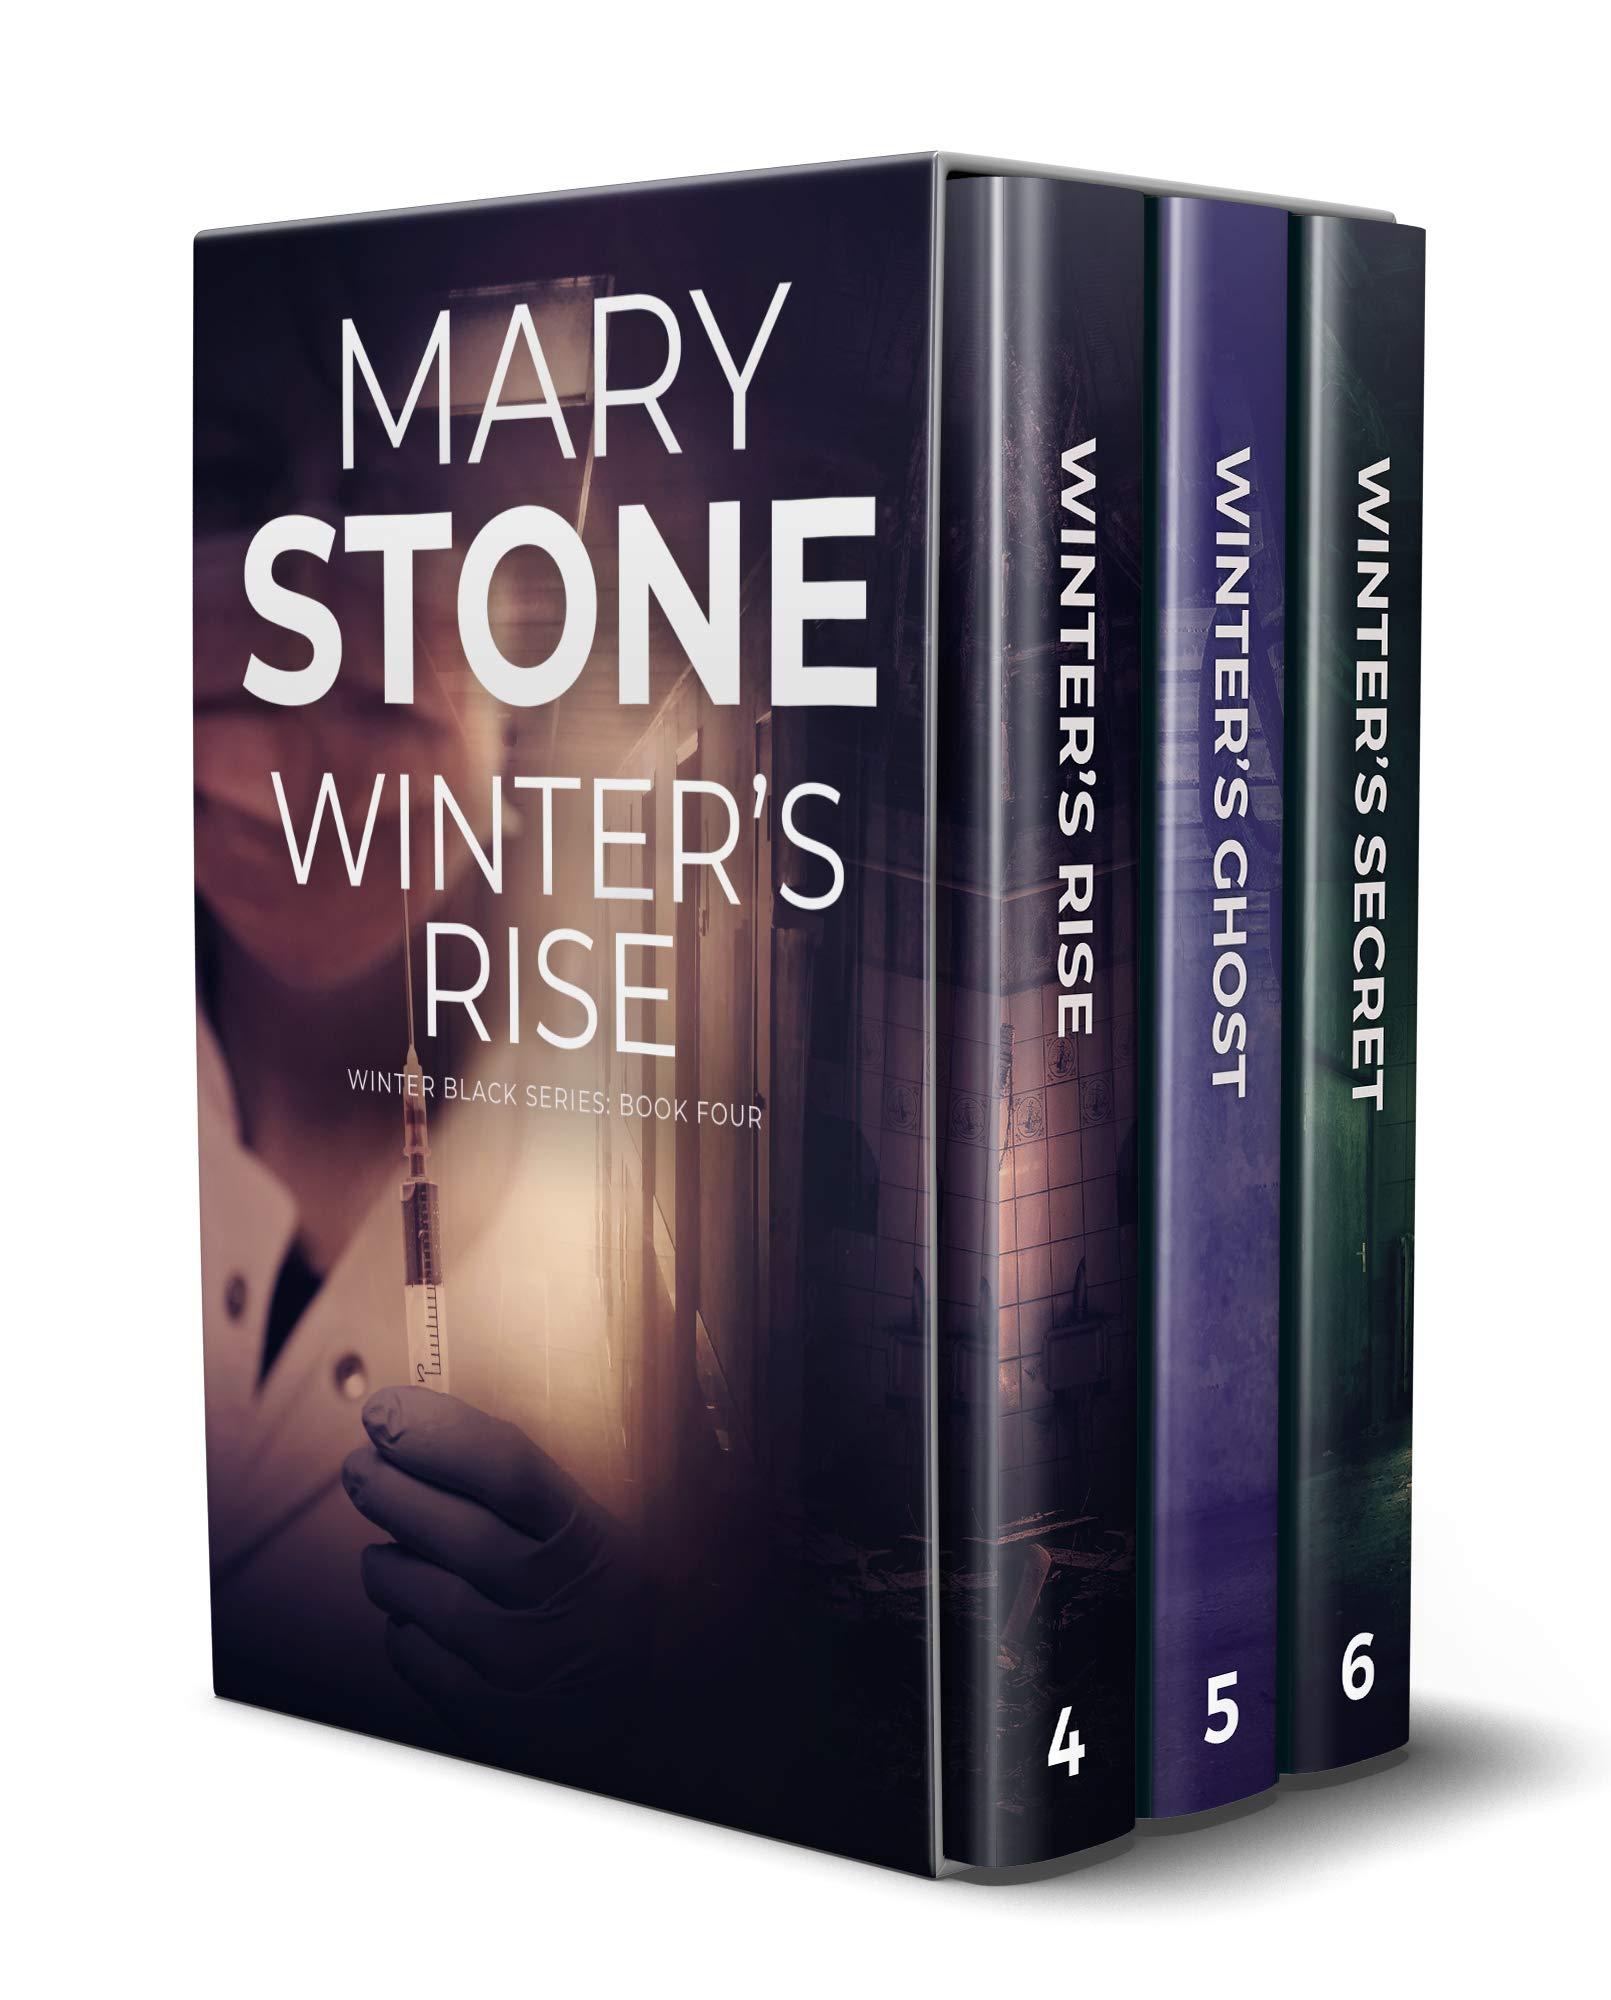 Winter Black Series: Books 4-6 (Winter Black Series Box Sets Book 2)